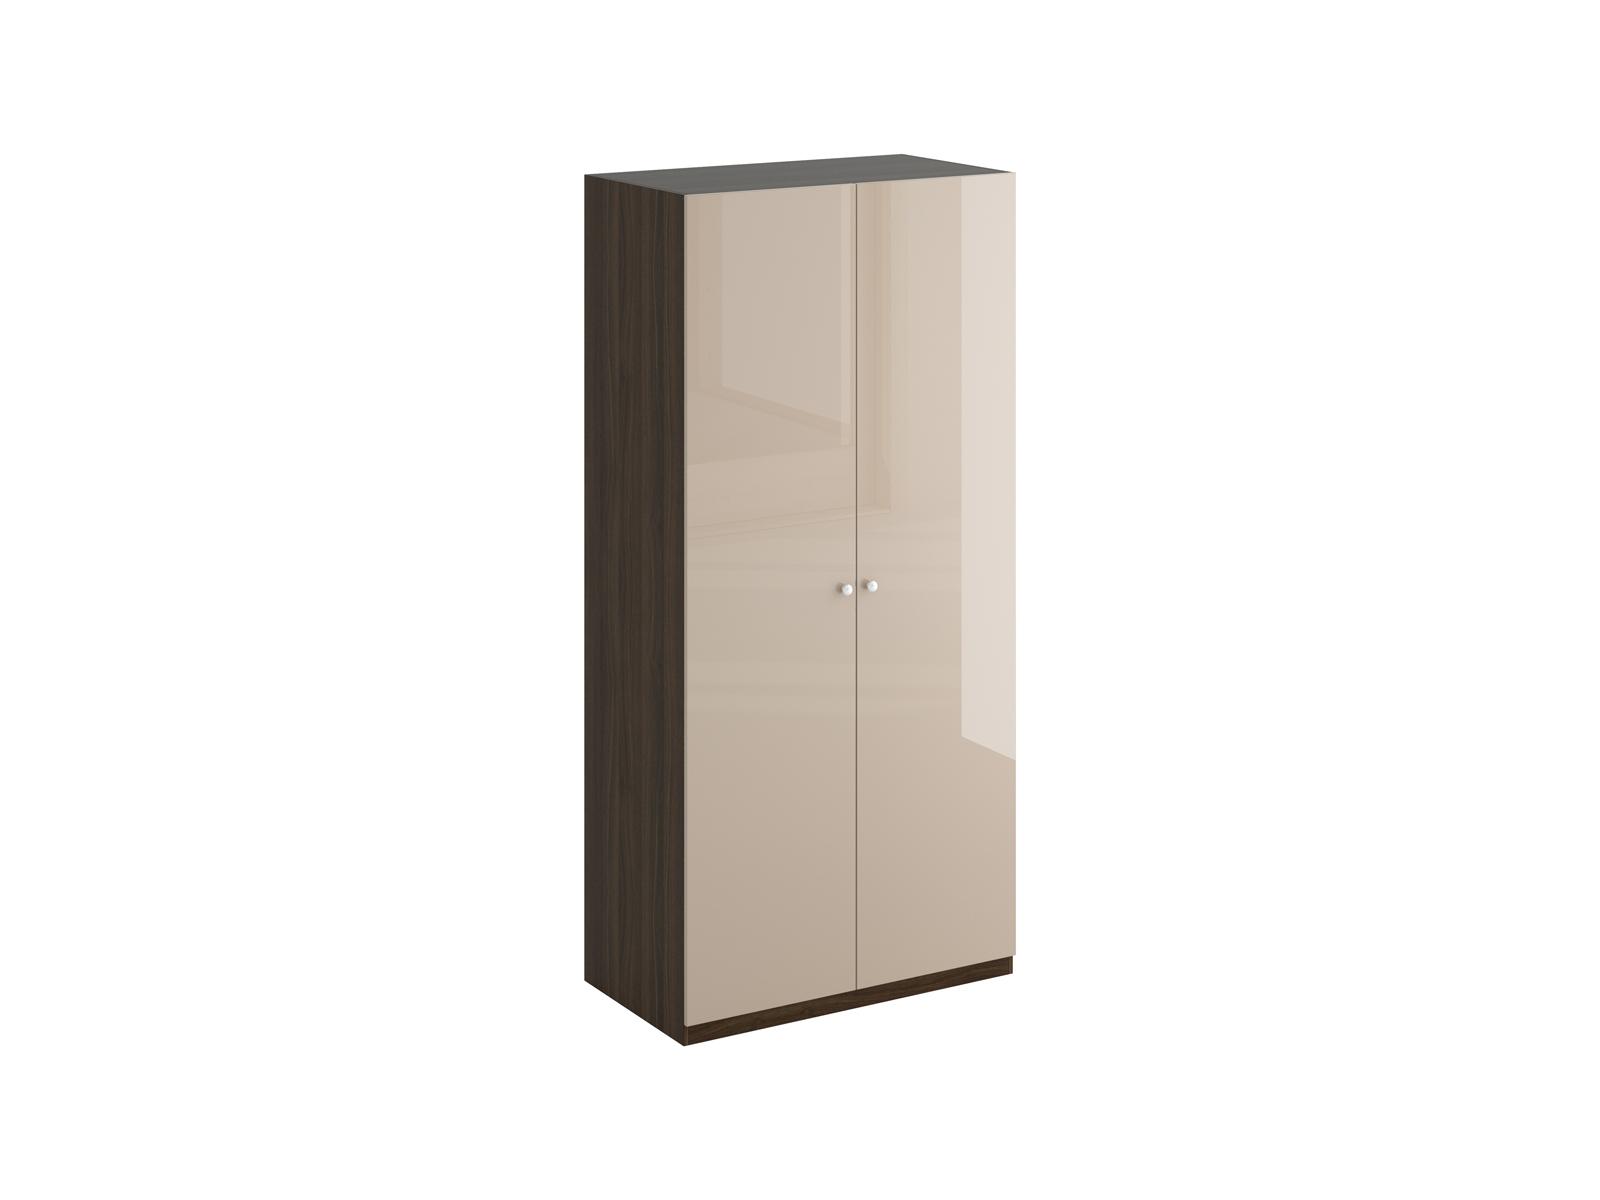 Шкаф UnoБельевые шкафы<br>Шкаф двухдверный&amp;nbsp; внутри расположены 5 полок. Установлен на регулируемые опоры. Данную мебель рекомендуется крепить к стене. Ручки продаются отдельно, не входят в стоимость изделия.Материалы:Корпус: ЛДСП 16 мм цвет Дуб ШатоФасад: ЛДСП 16 мм.<br><br>kit: None<br>gender: None